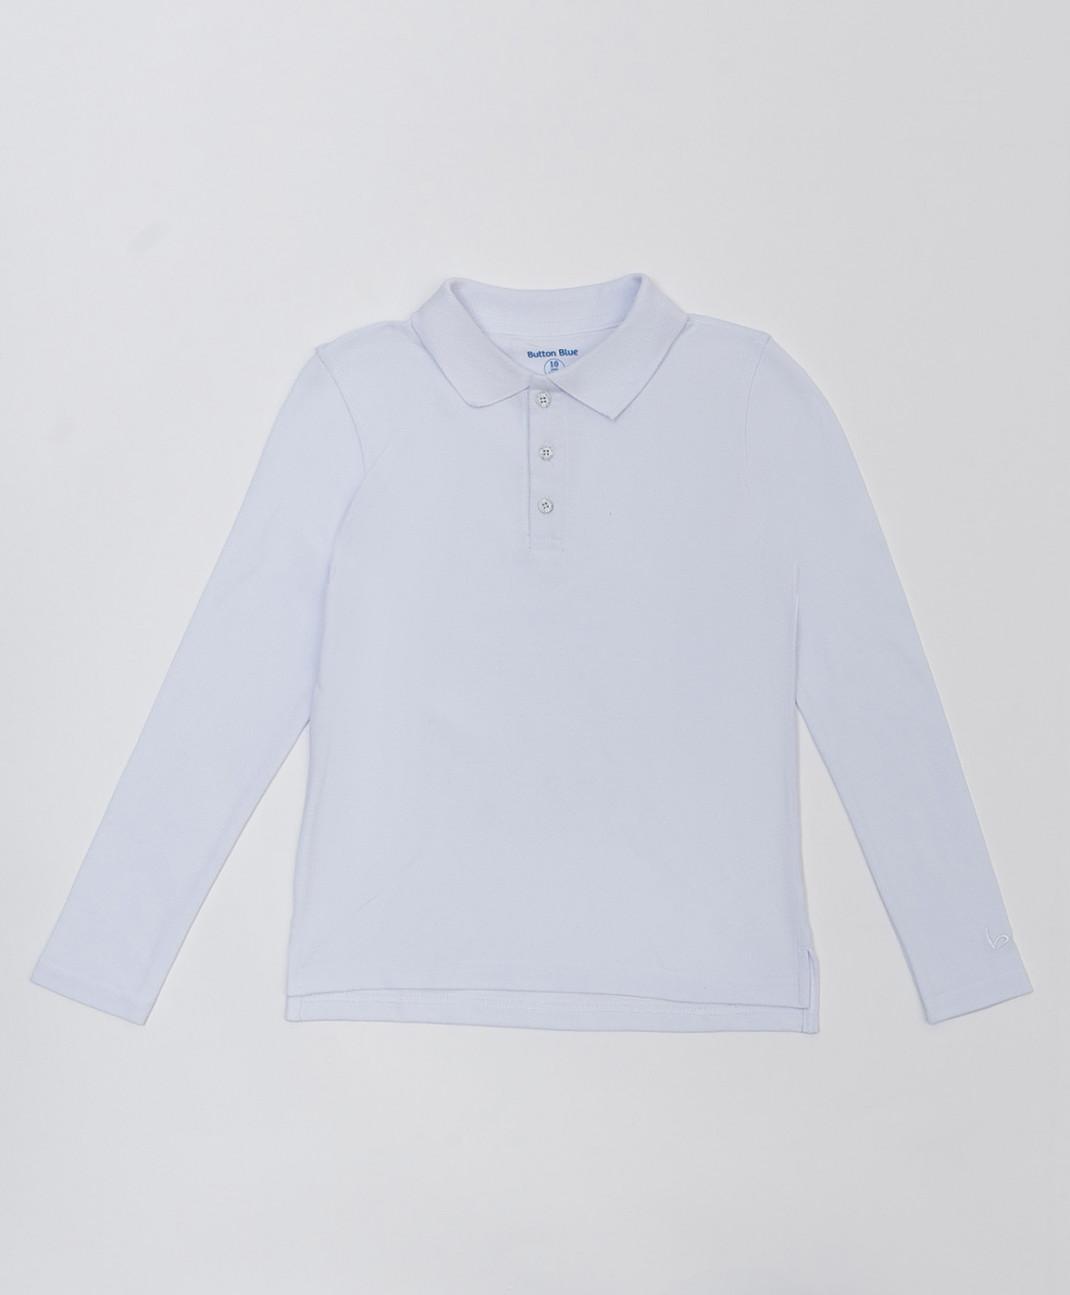 Button Blue Белое поло с длинным рукавом Button Blue